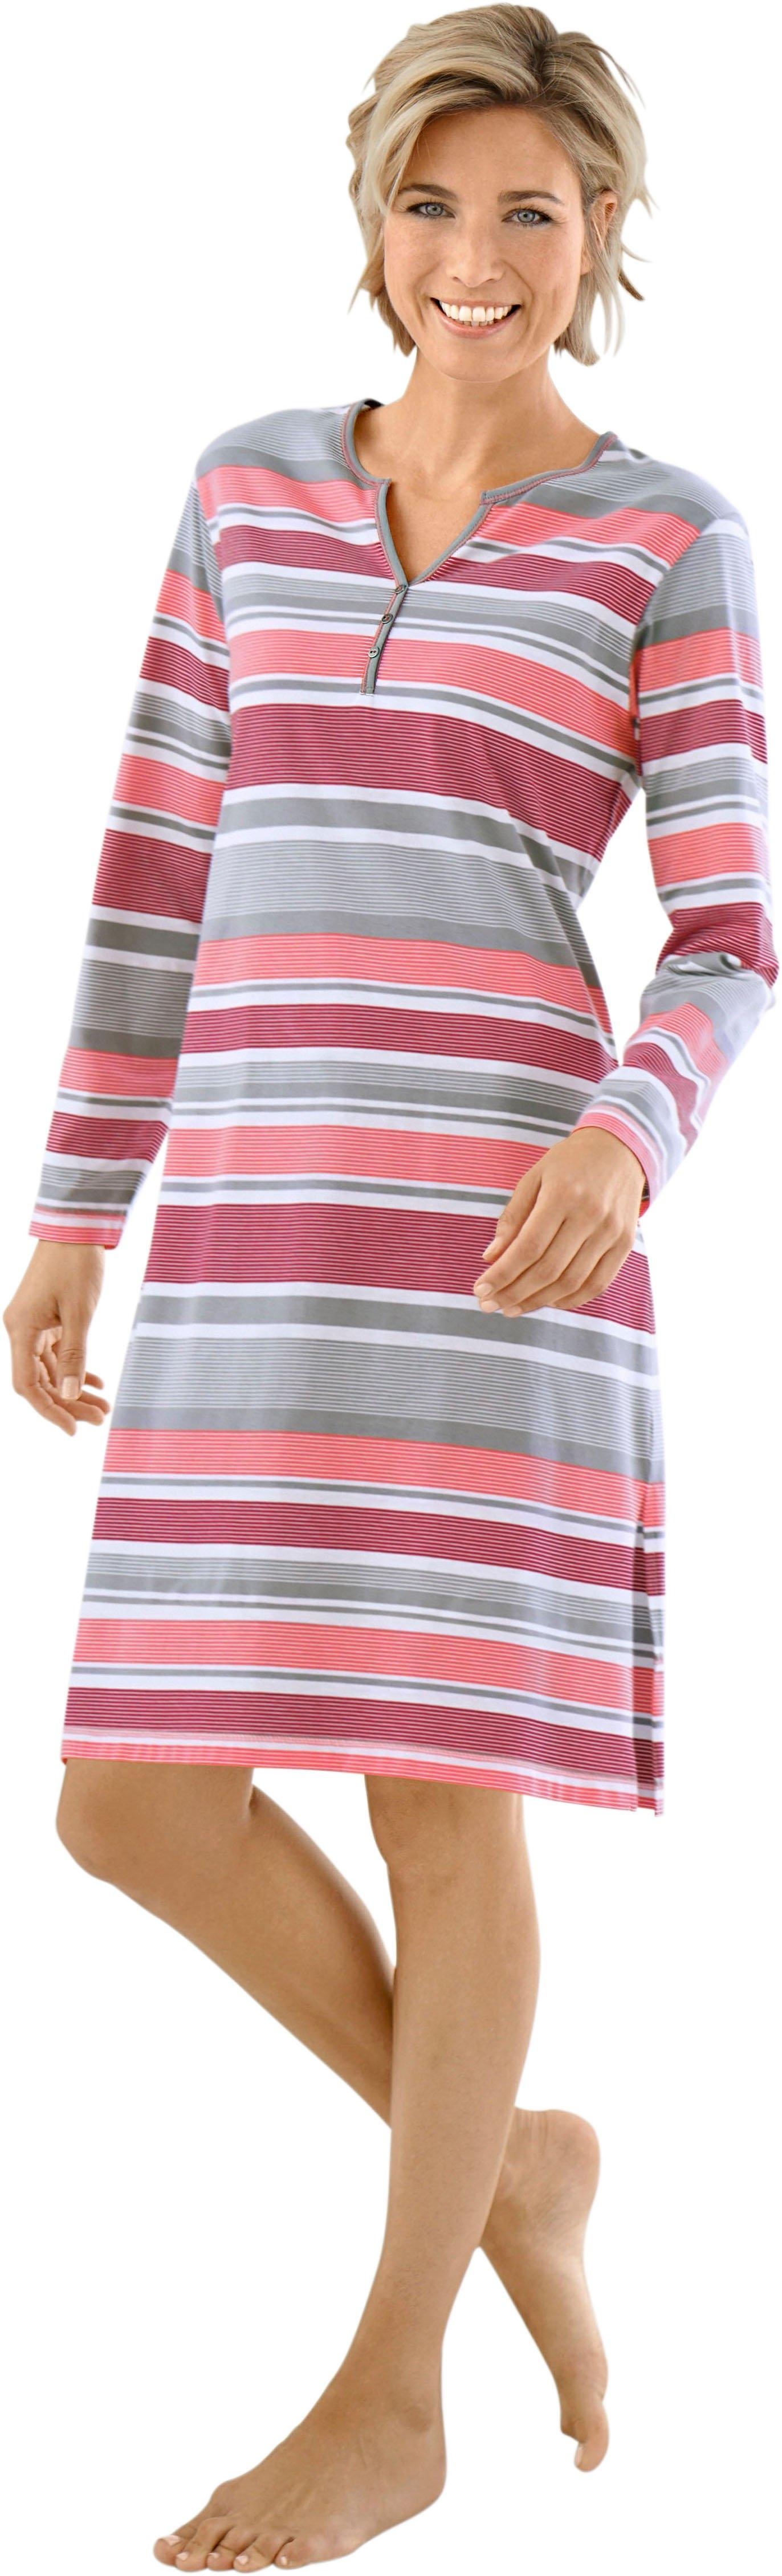 Op zoek naar een Hajo nachthemd? Koop online bij OTTO